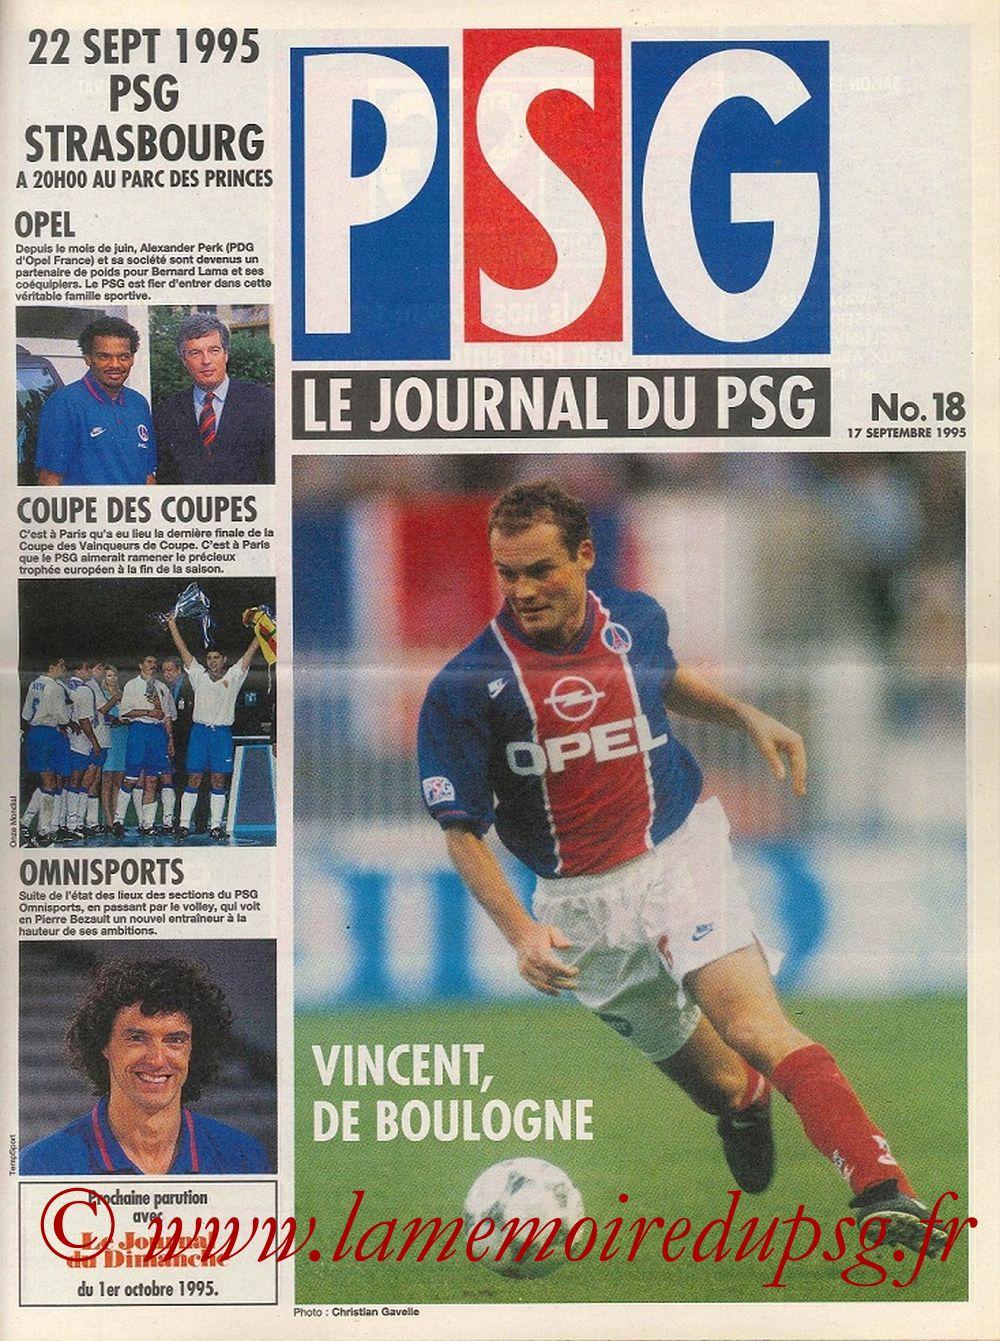 1995-09-22  PSG-Strasbourg (10ème D1, Le journal du PSG N°18)